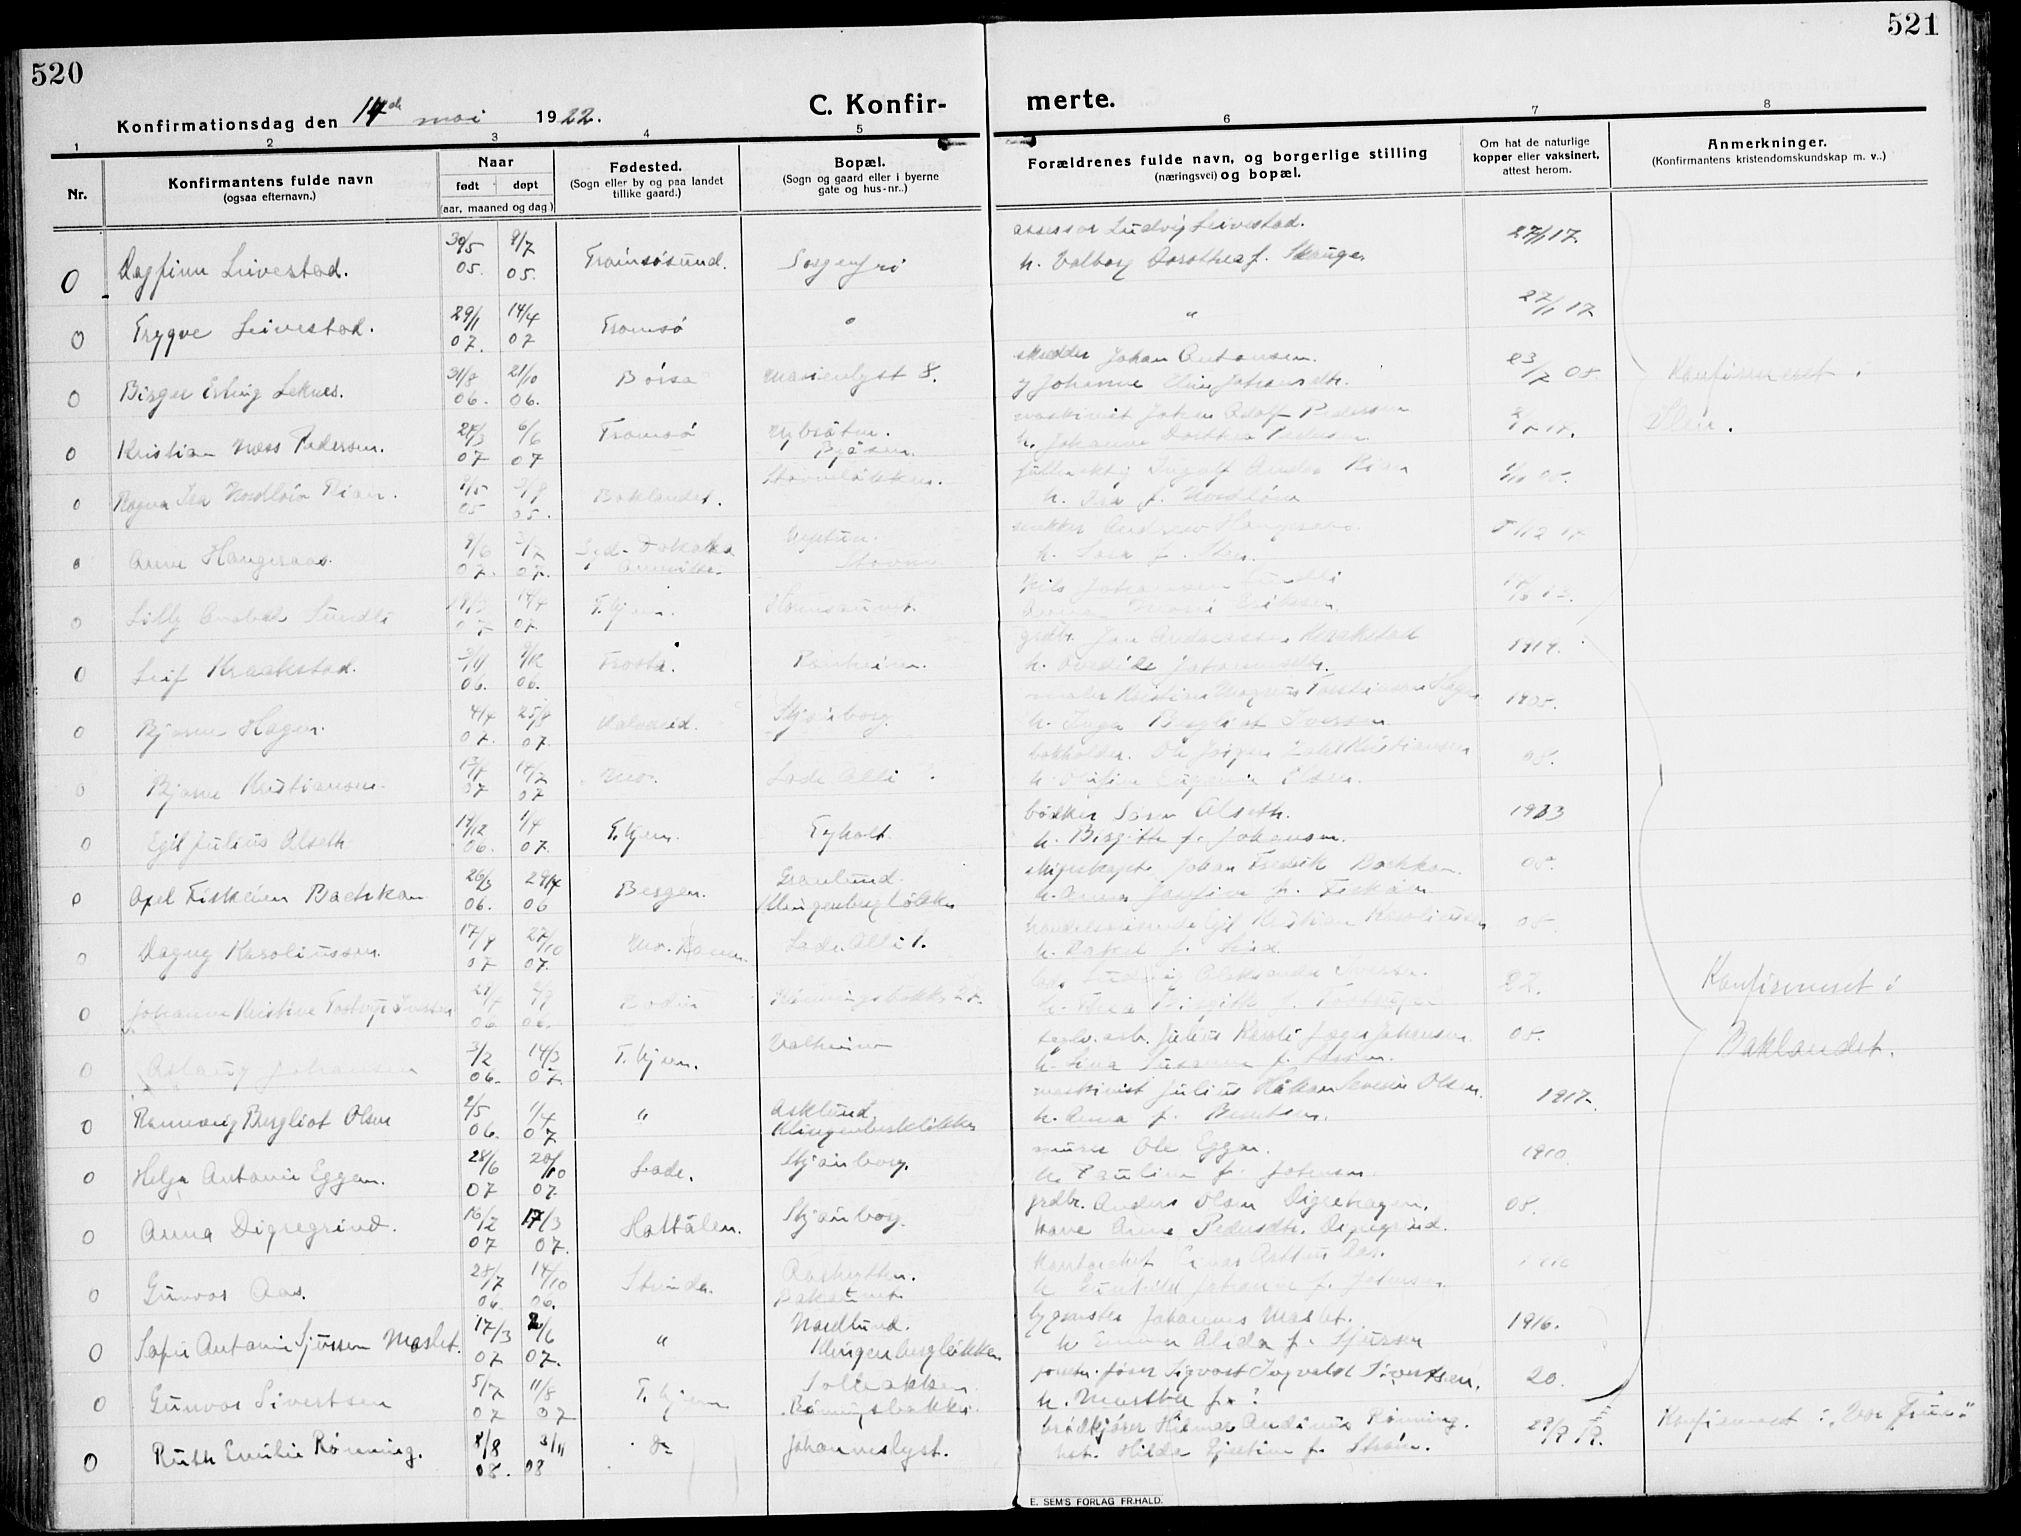 SAT, Ministerialprotokoller, klokkerbøker og fødselsregistre - Sør-Trøndelag, 607/L0321: Ministerialbok nr. 607A05, 1916-1935, s. 520-521